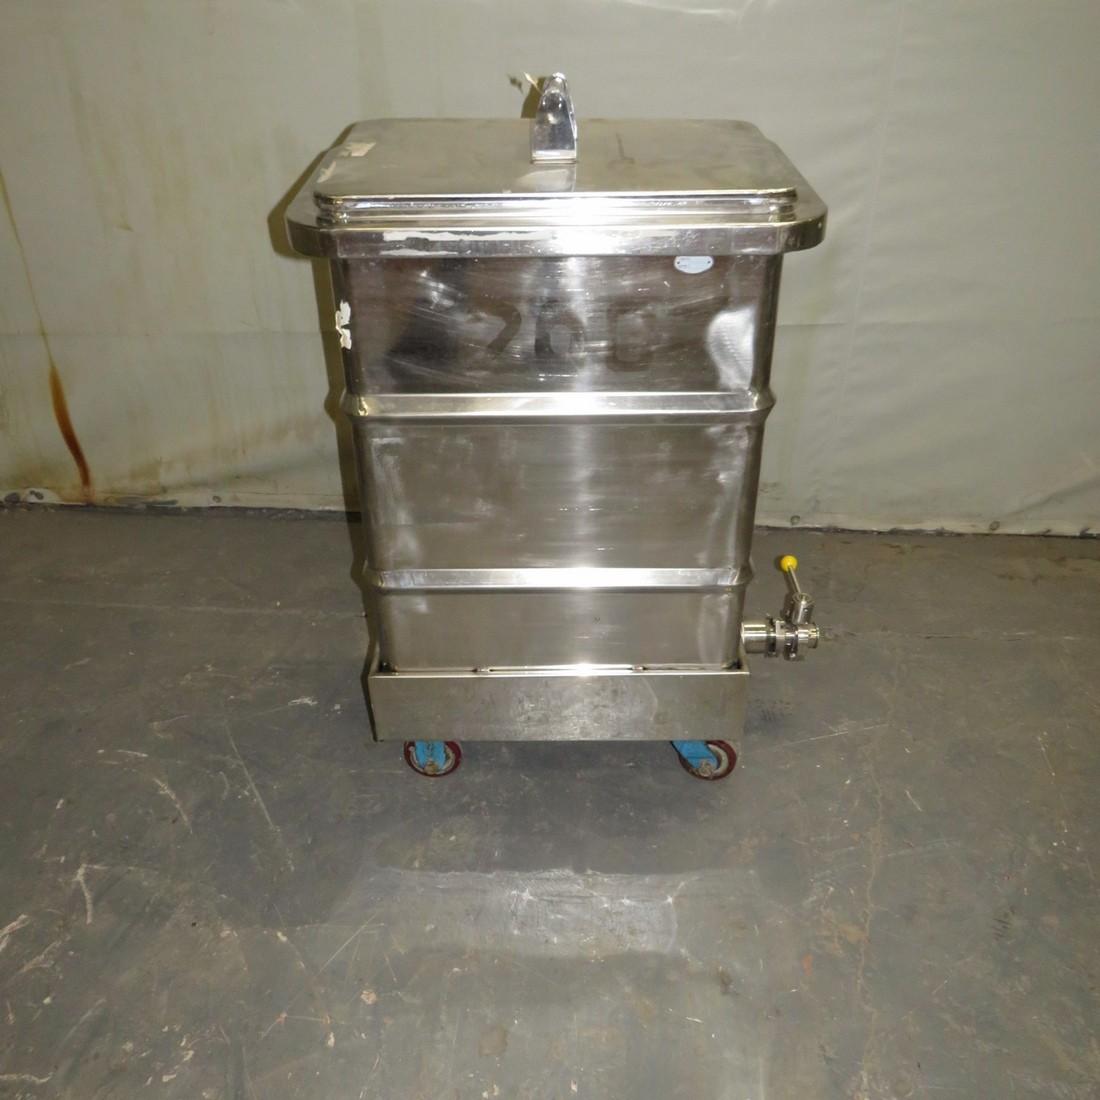 R11DB22722 Stainless steel vessel - 200 liters